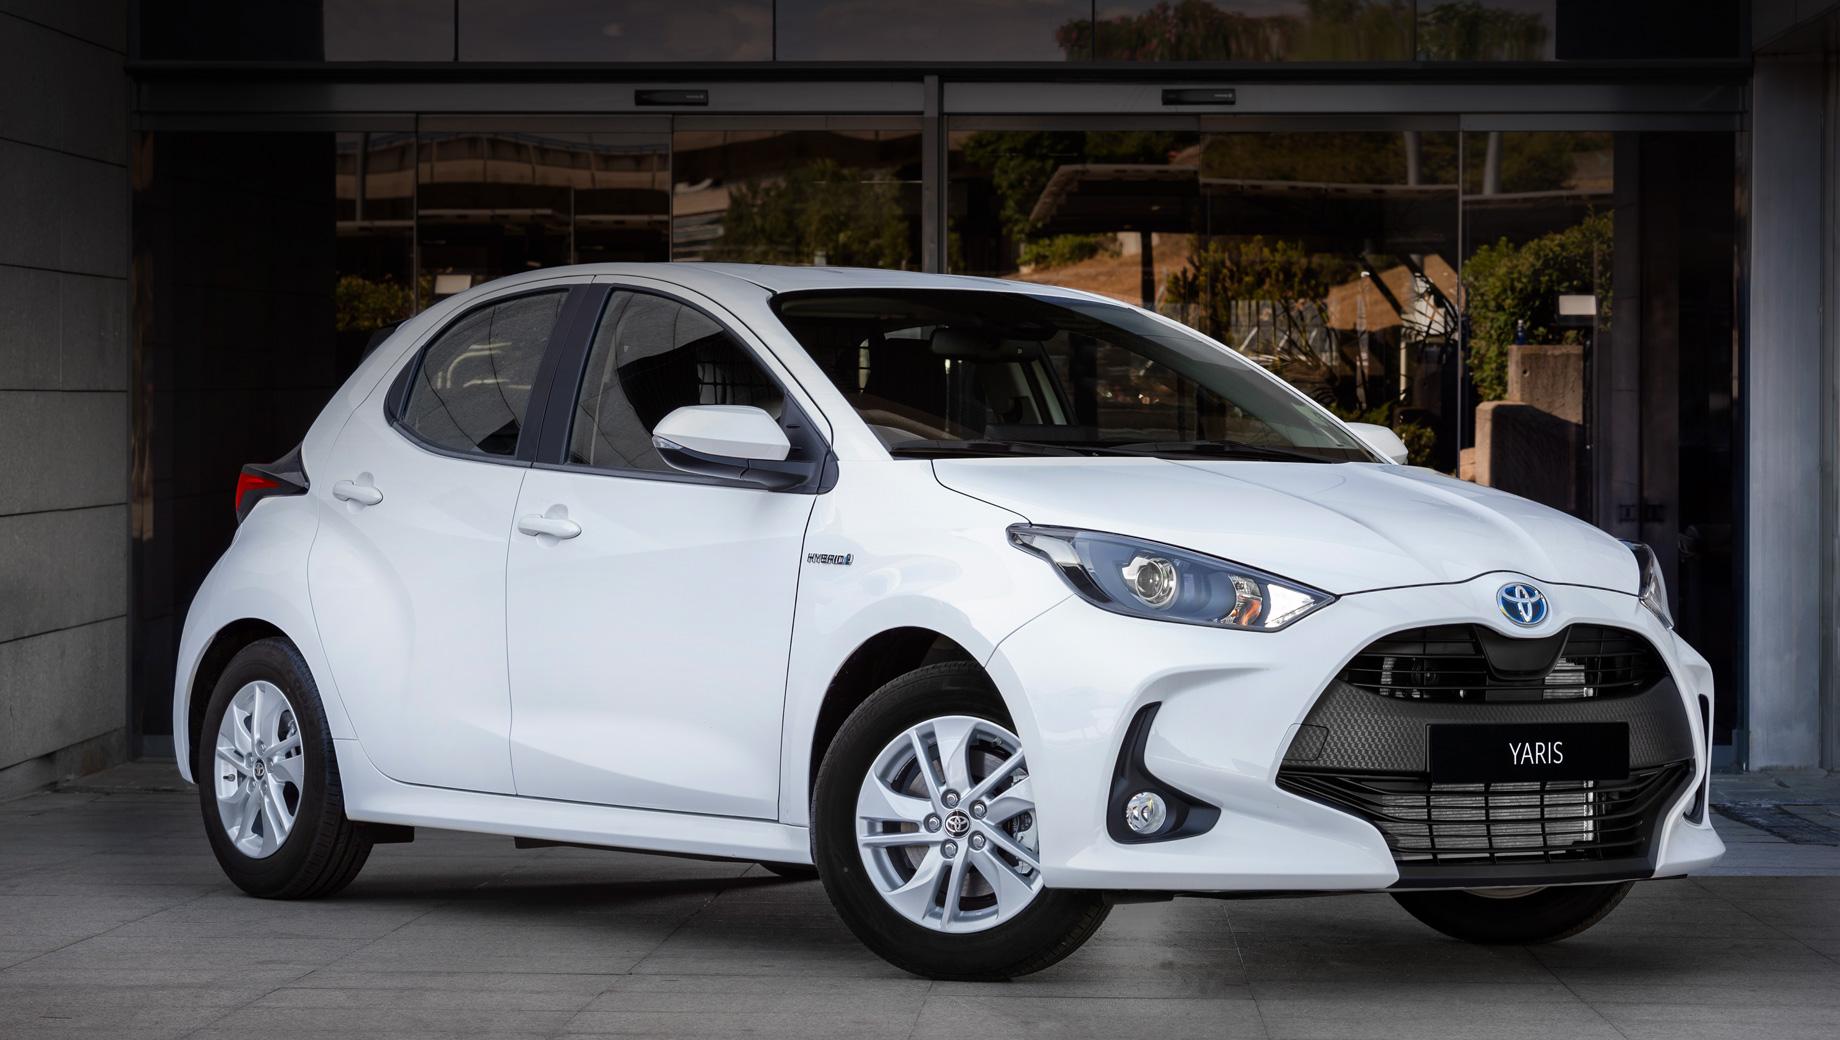 Хэтчбек Toyota Yaris стал фургоном Ecovan в Испании